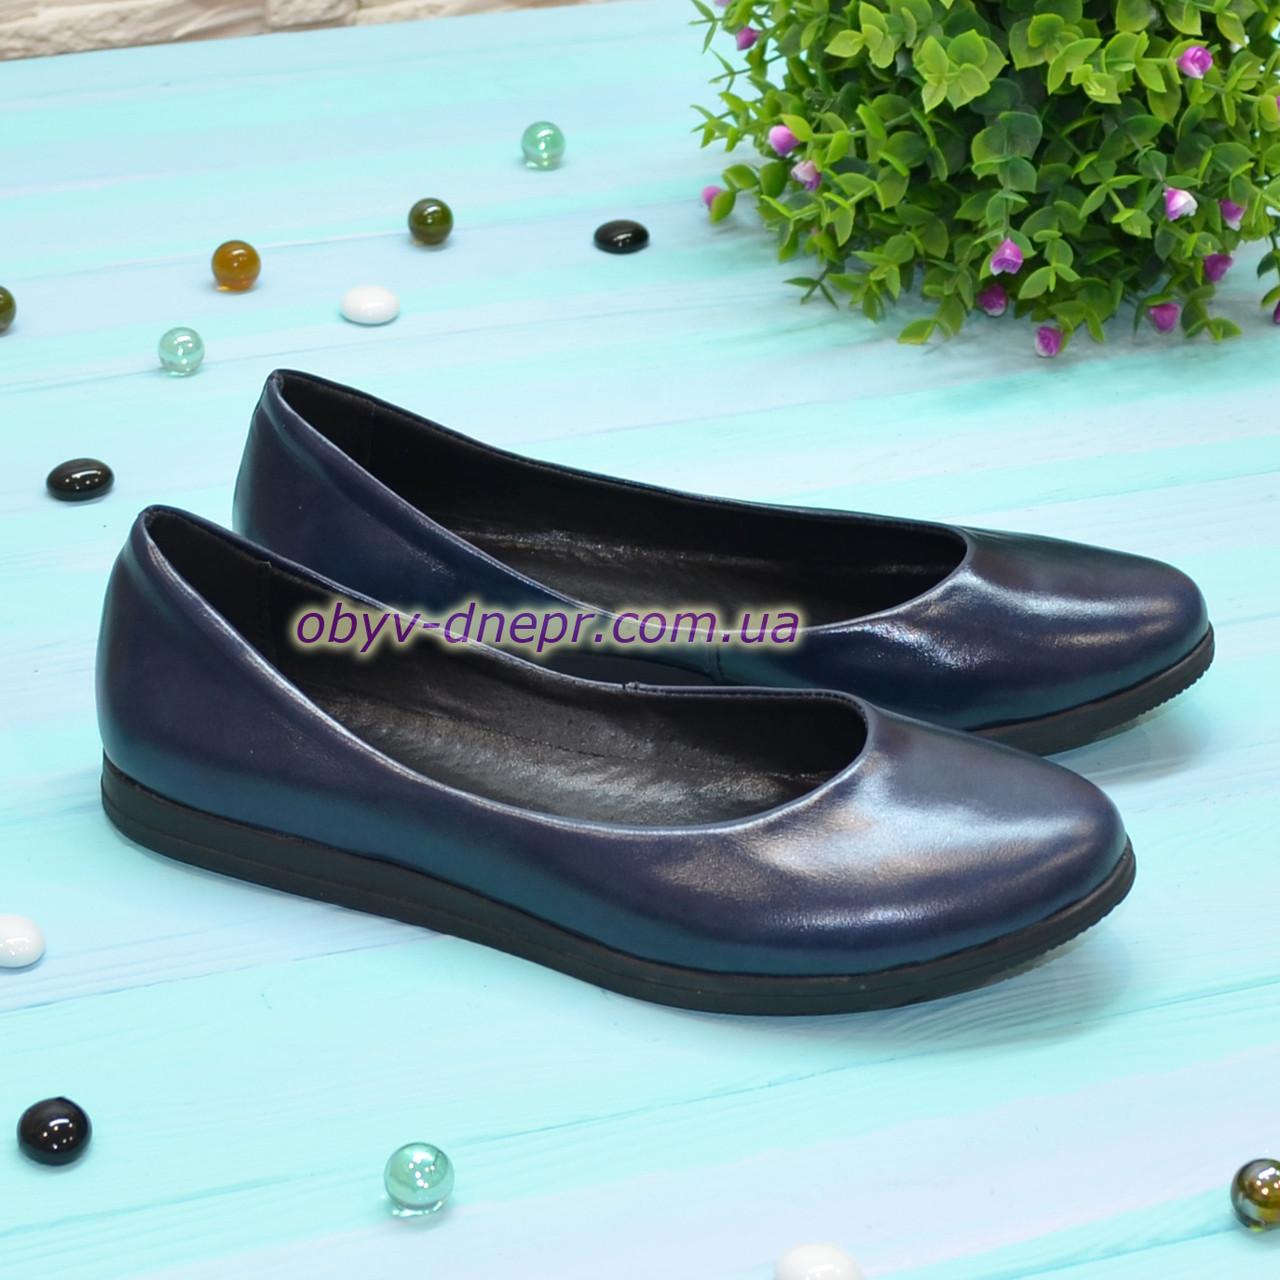 Туфли женские синие на утолщенной подошве, натуральная лаковая кожа